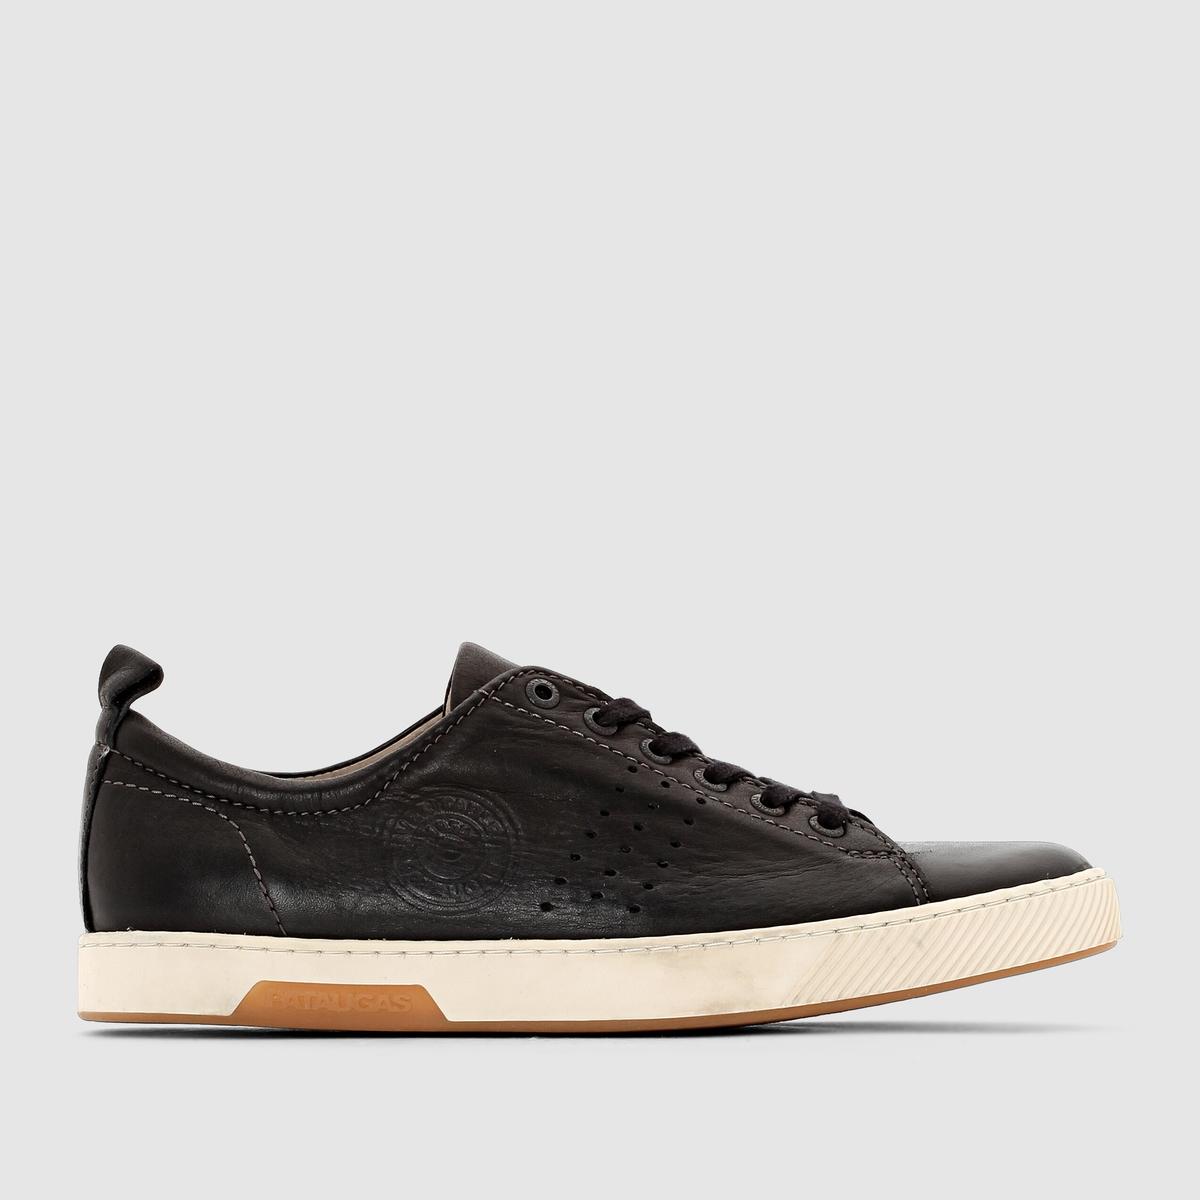 Кеды низкие, MATTEI - PATAUGASЗастежка: на шнуровке.Преимущества: простота и стиль кожаных кед от Pataugas.<br><br>Цвет: черный<br>Размер: 42